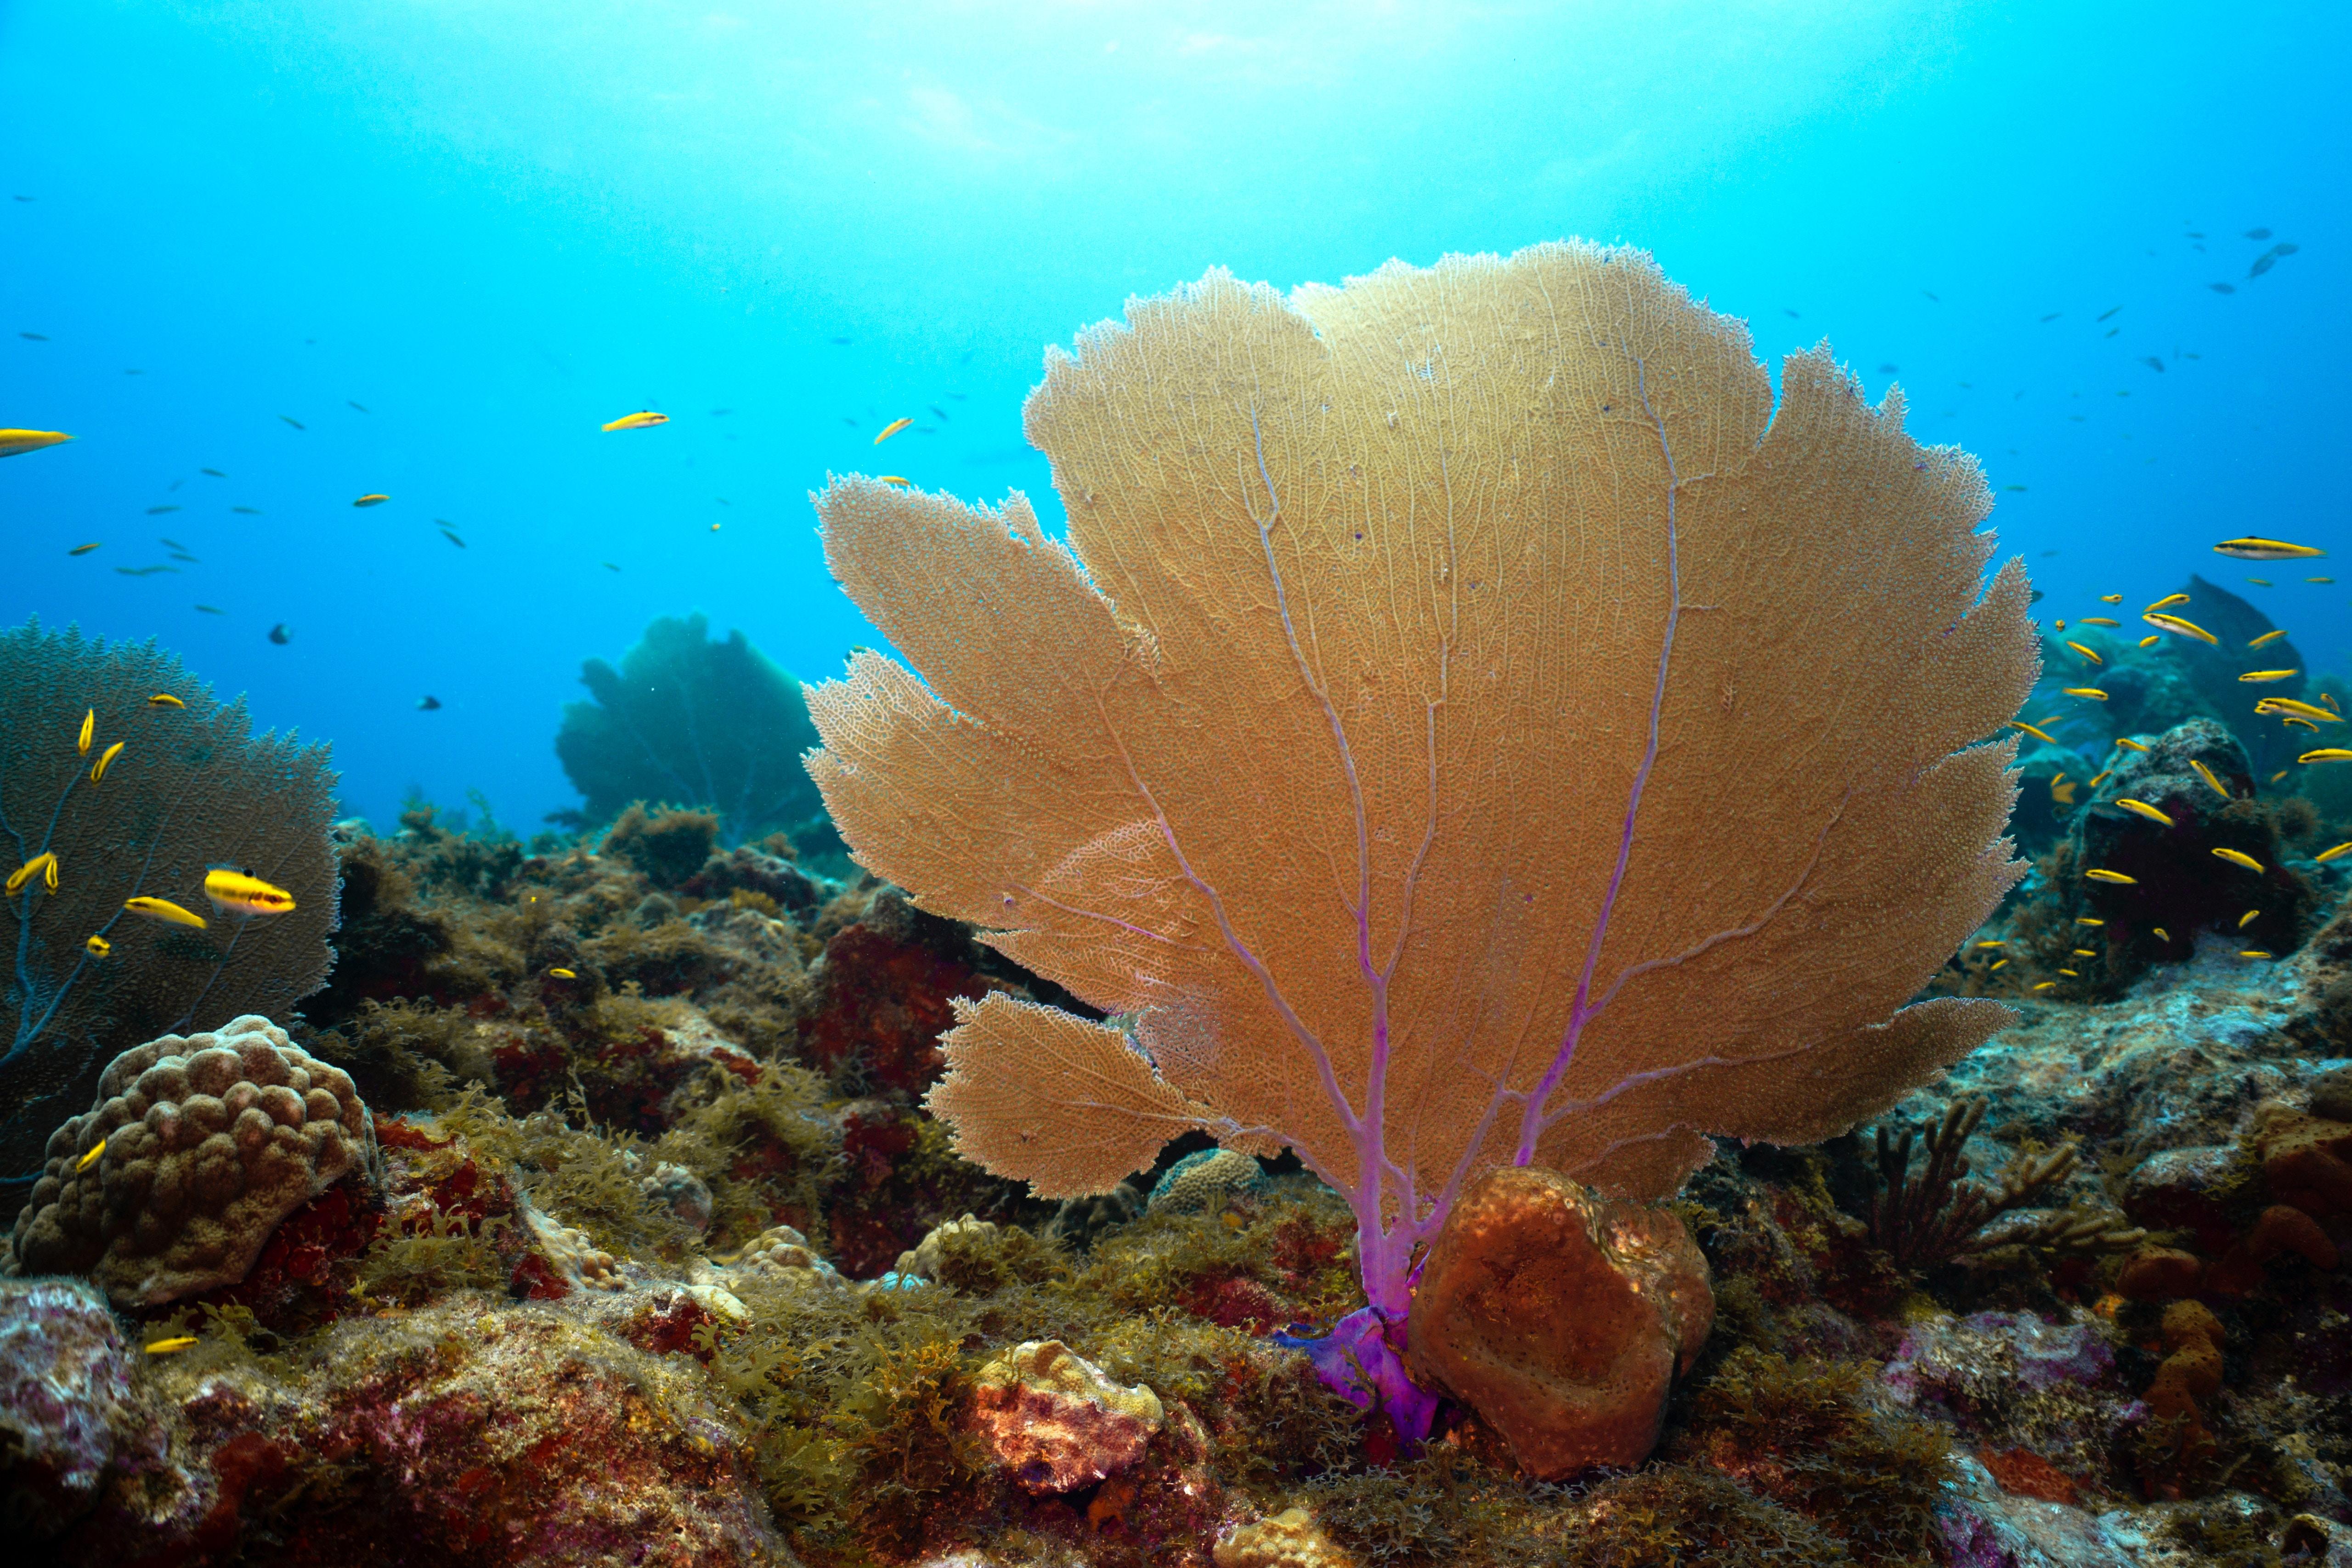 Imagen de fondo marino del proyecto Life IP Intemares en el que dinamia realiza la evaluación y seguimiento del impacto socioeconómico